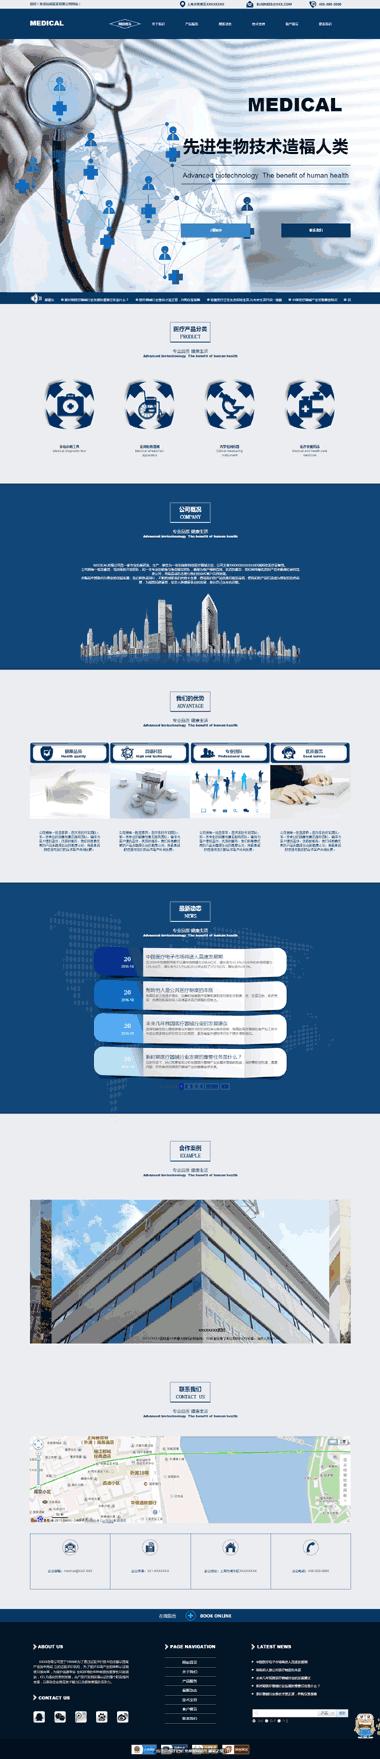 医疗器械网站设计模版-医疗企业网站建设-优化SEO医疗器械网站